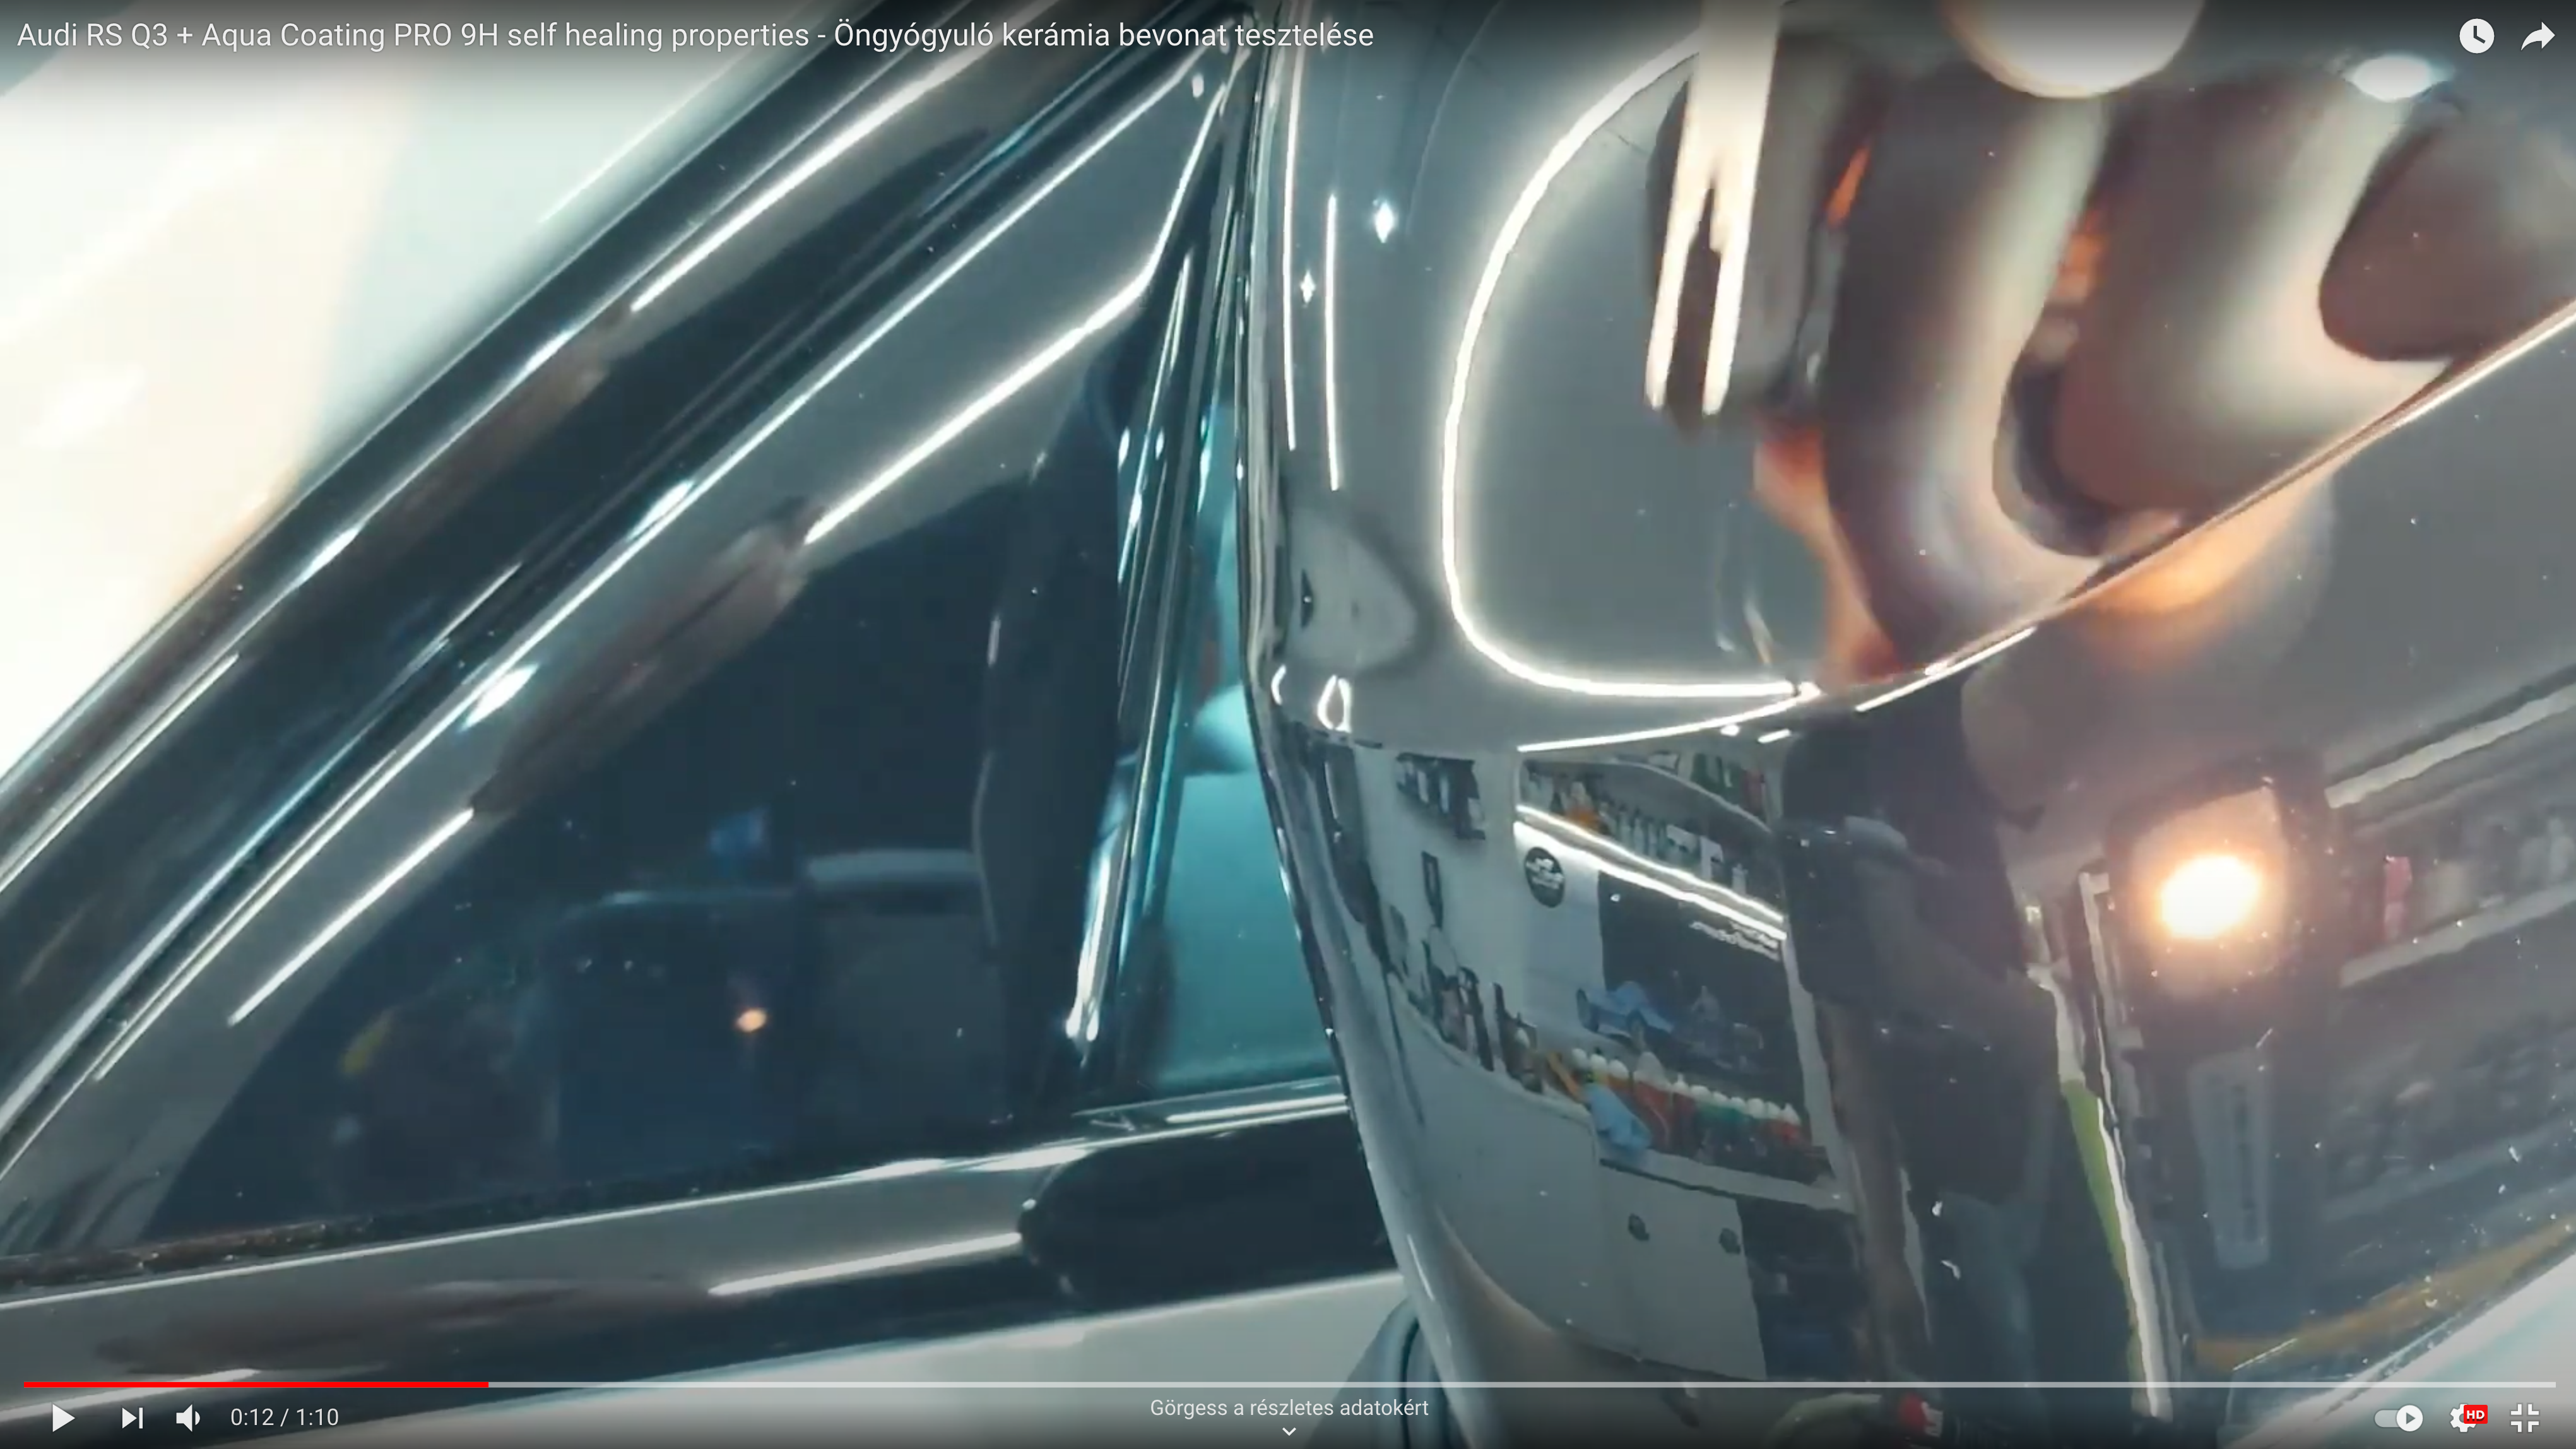 Audi RS Q3 + Aqua Coating PRO 9H self healing properties - Öngyógyuló kerámia bevonat tesztelése